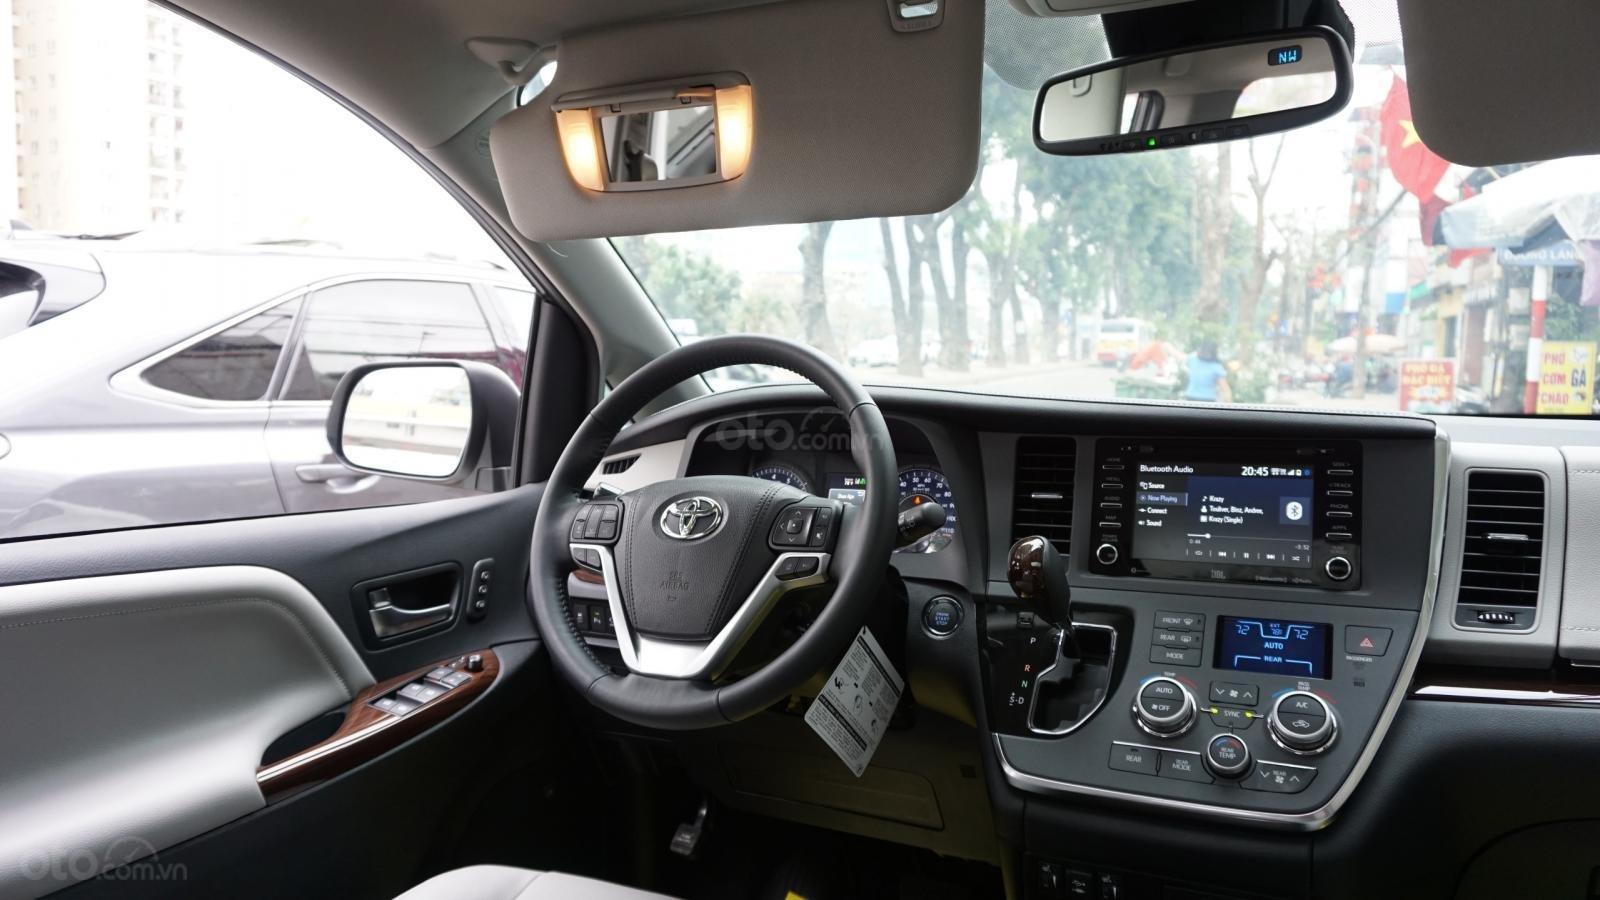 Bán Toyota Sienna Limited 1 cầu 2020 giao ngay, giá tốt nhất, LH 094.539.2468 Ms Hương (11)